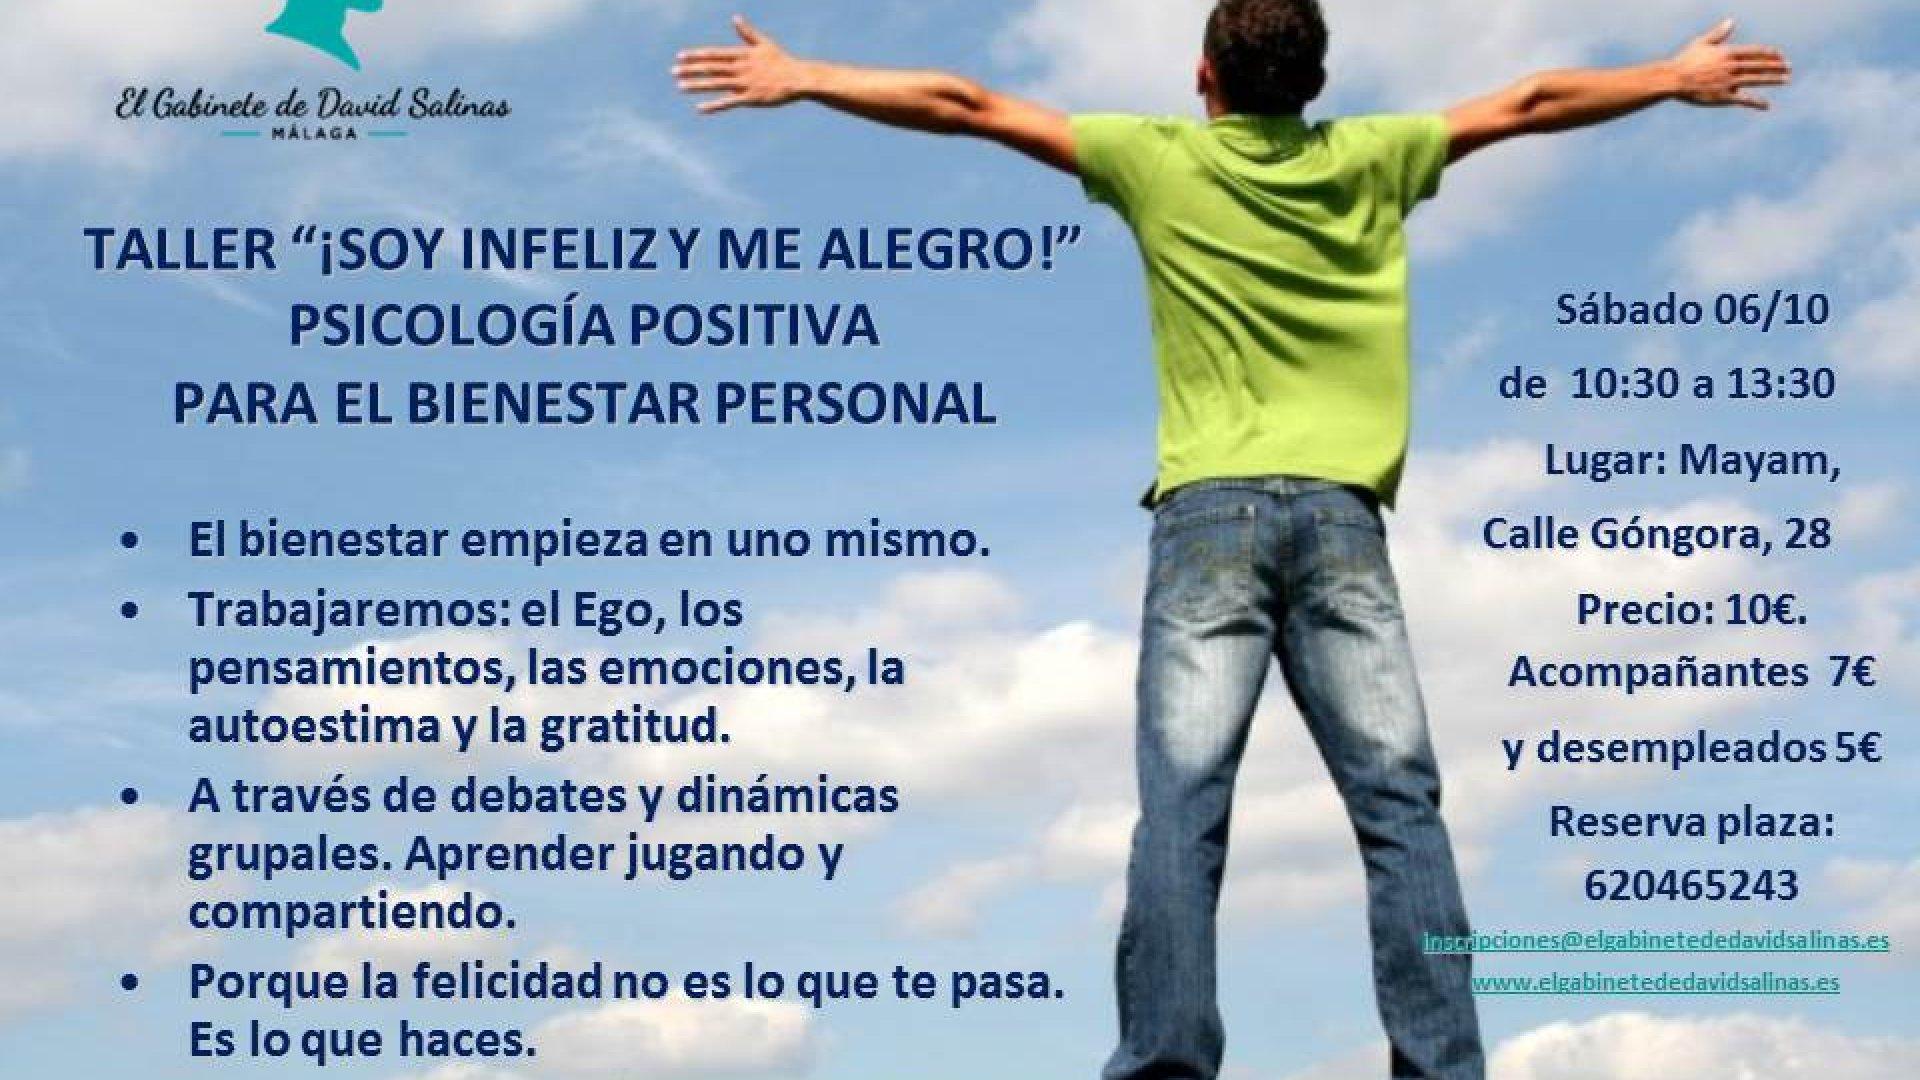 TALLER '¡SOY INFELIZ Y ME ALEGRO!'